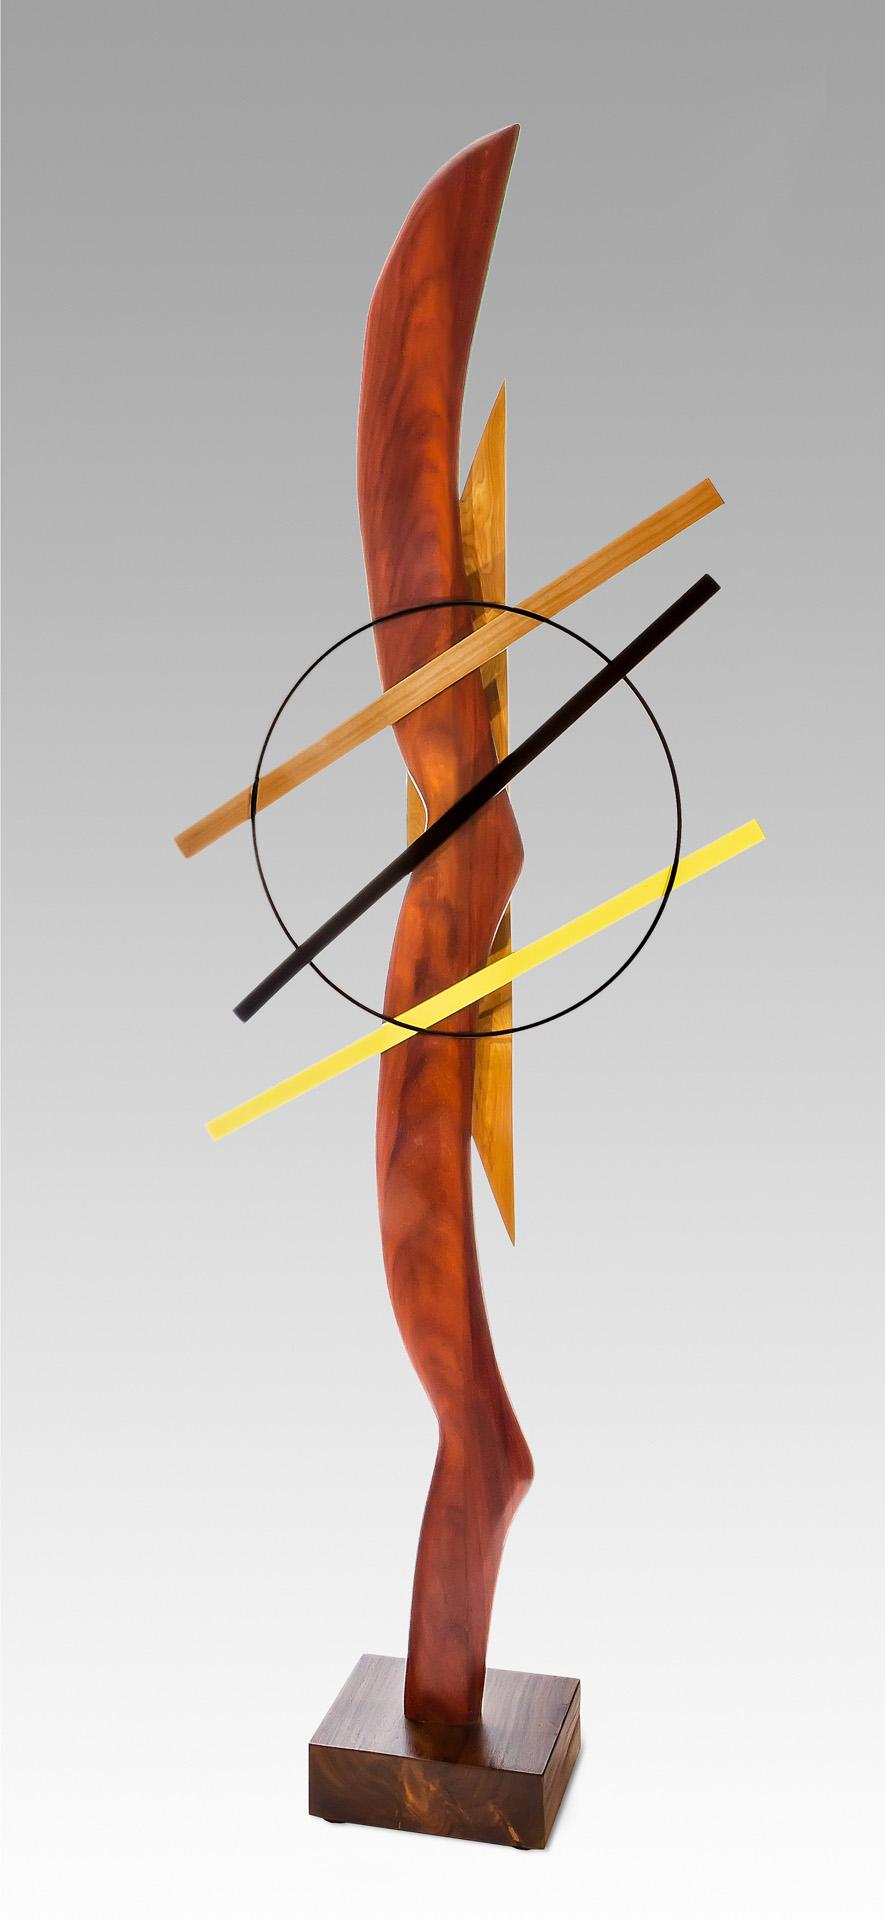 Flying-sculpture copyright Scott Bruckner